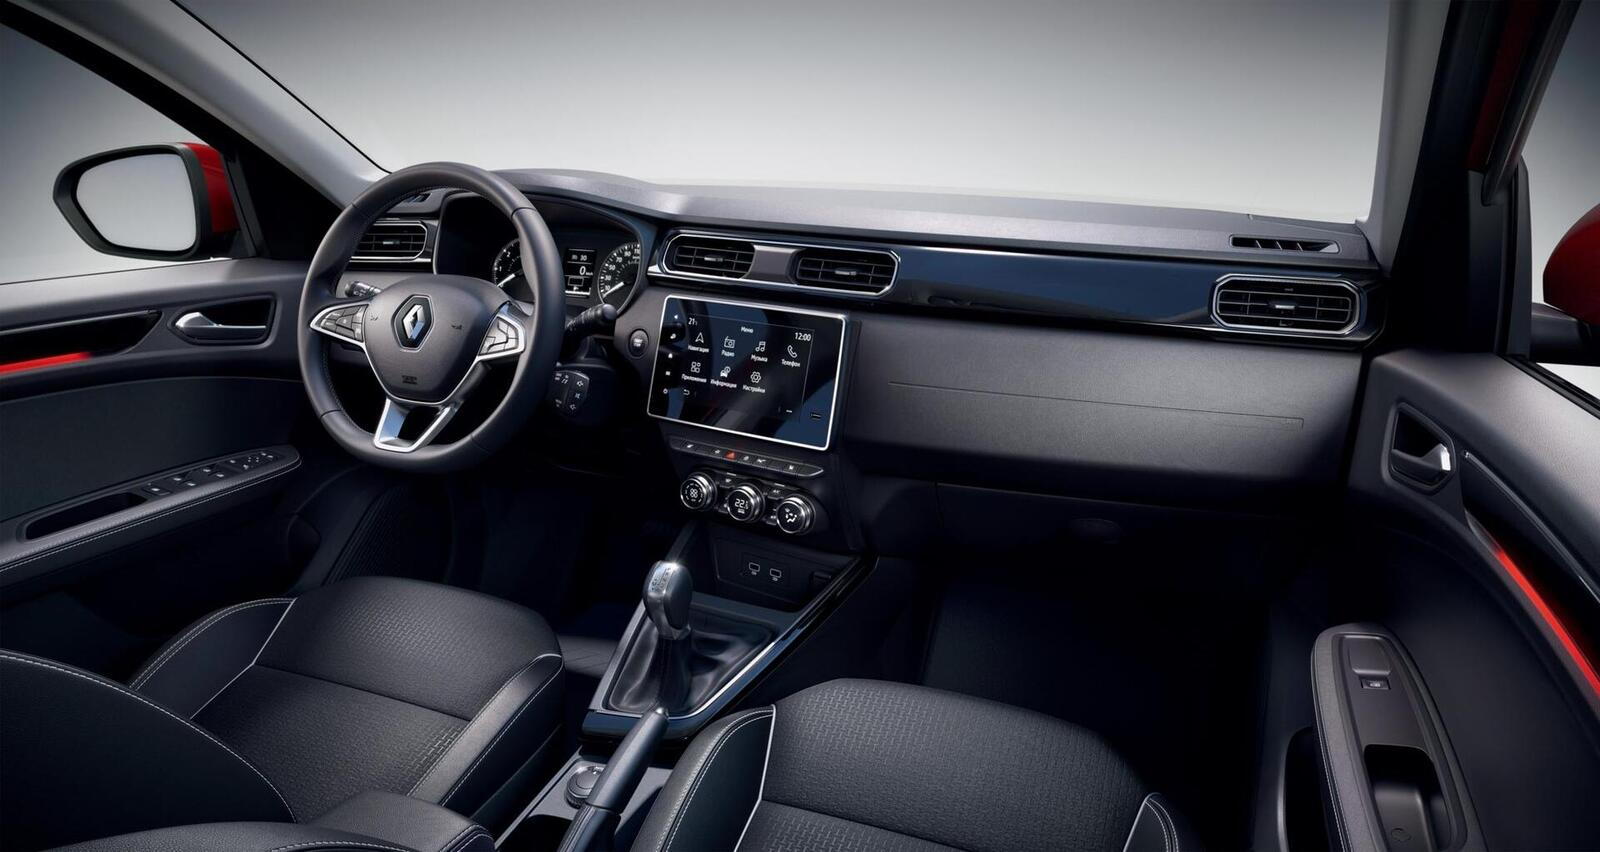 Renault giới thiệu Arkana mới: SUV Coupe mang thiết kế tương tự BMW X6 - Hình 10